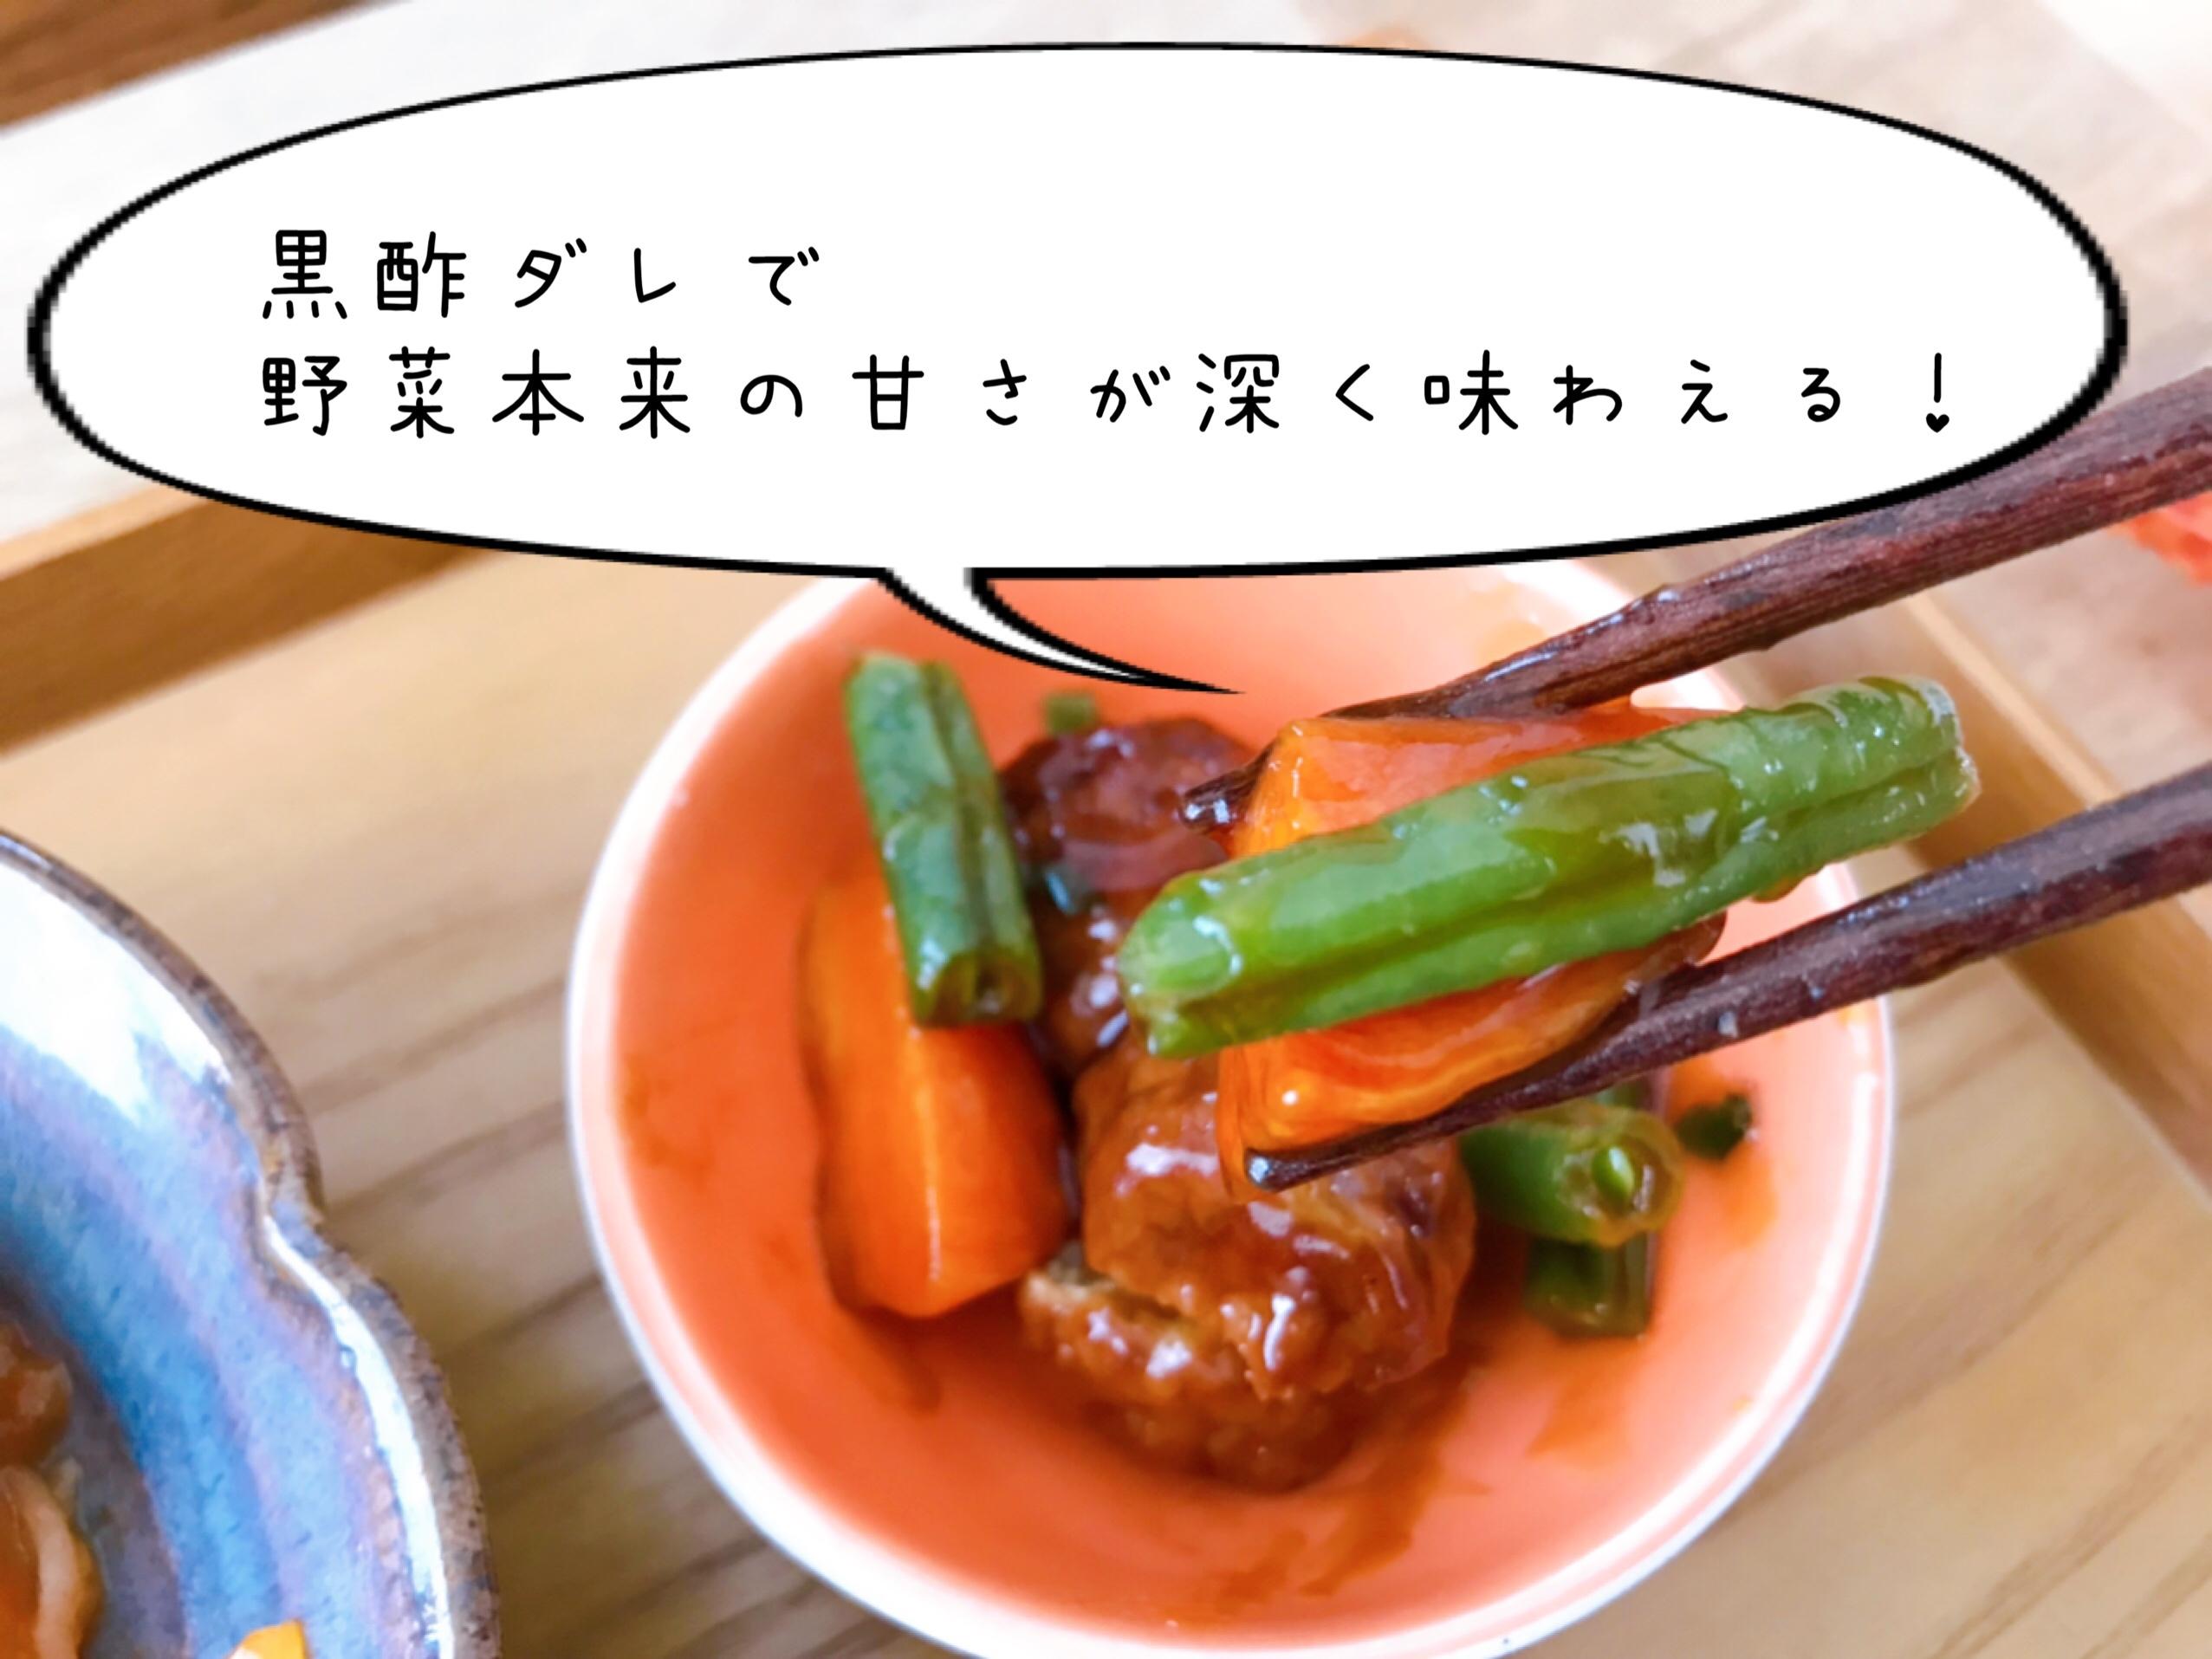 ワタミの宅食